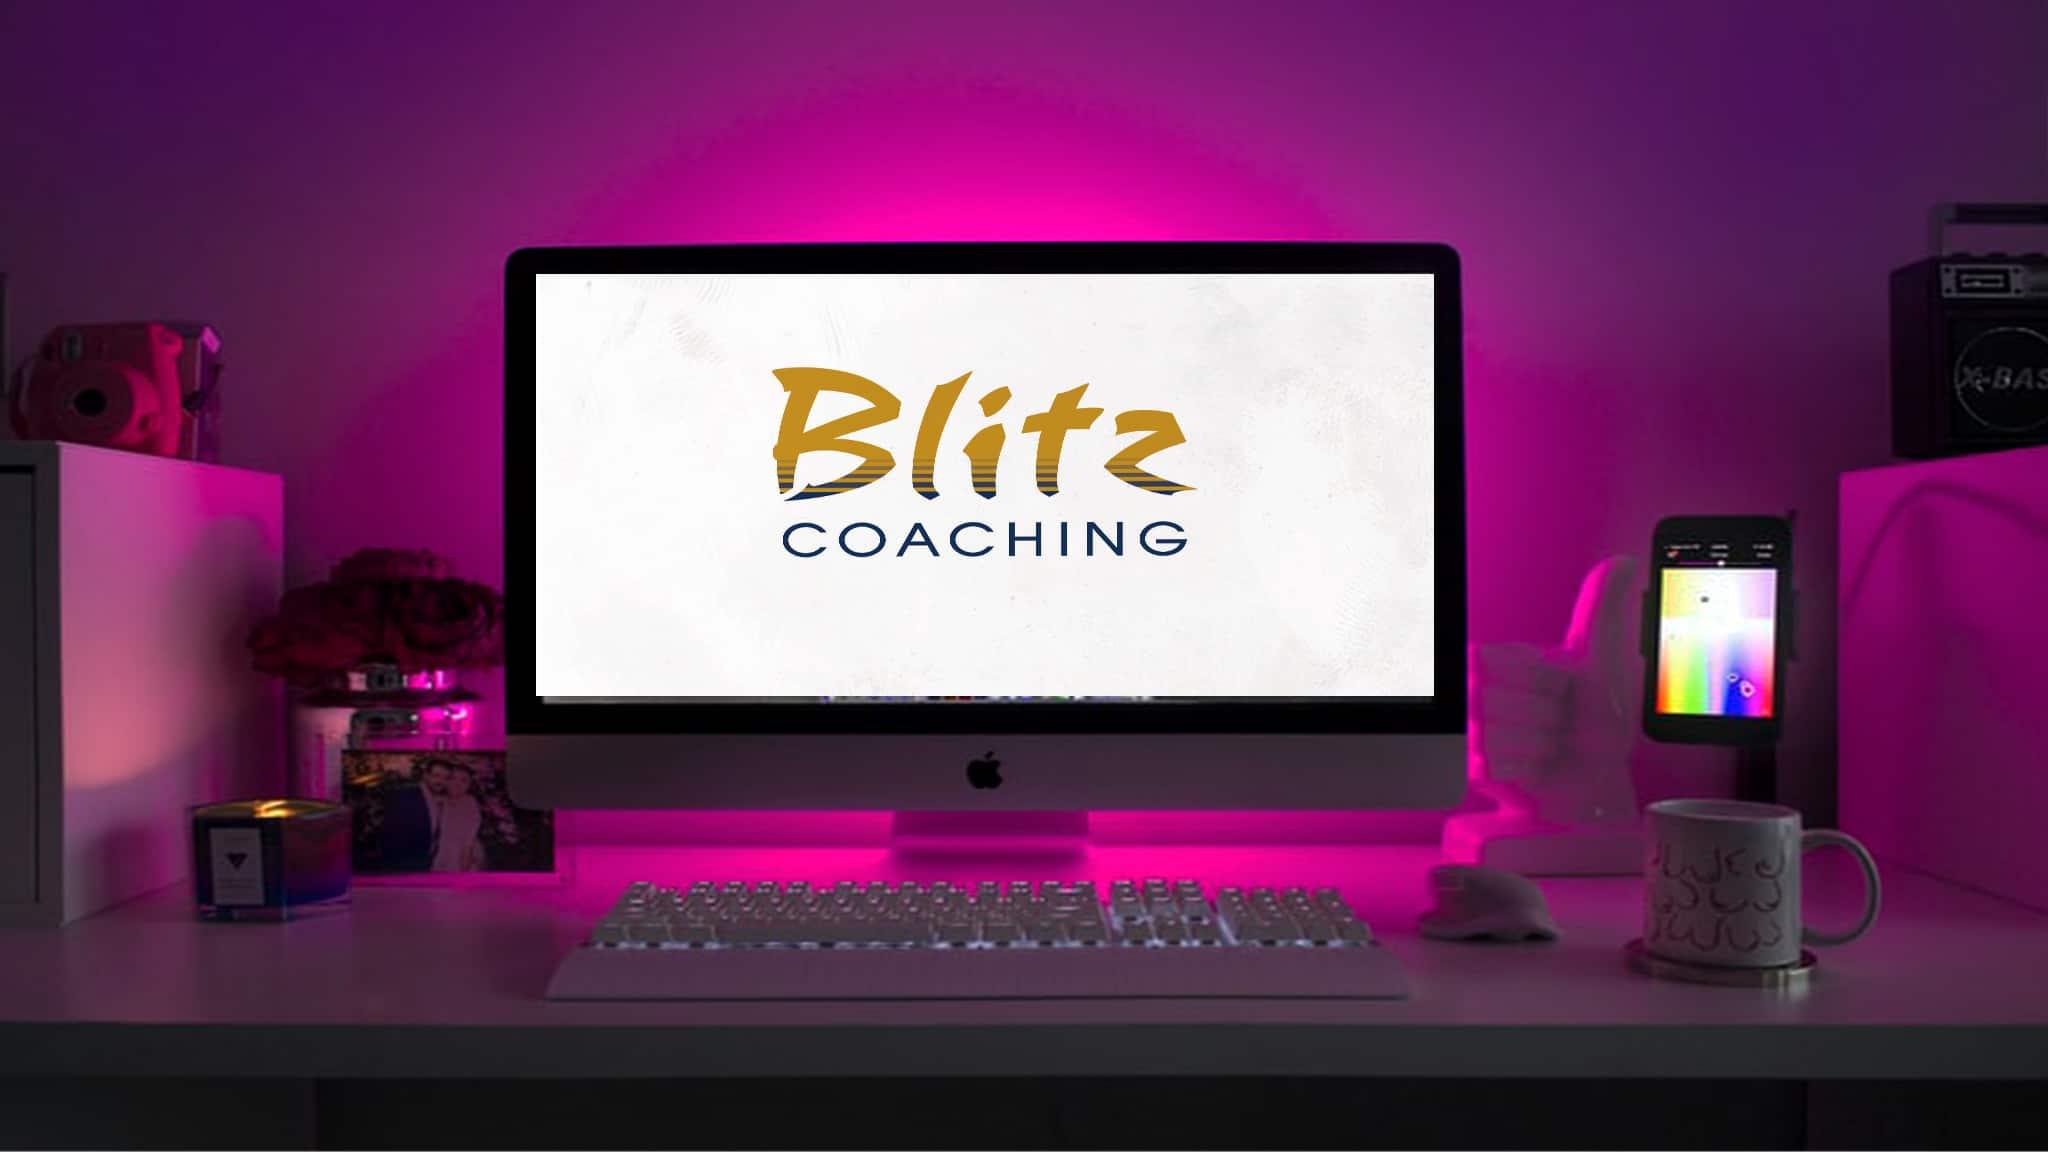 Blitz Coaching